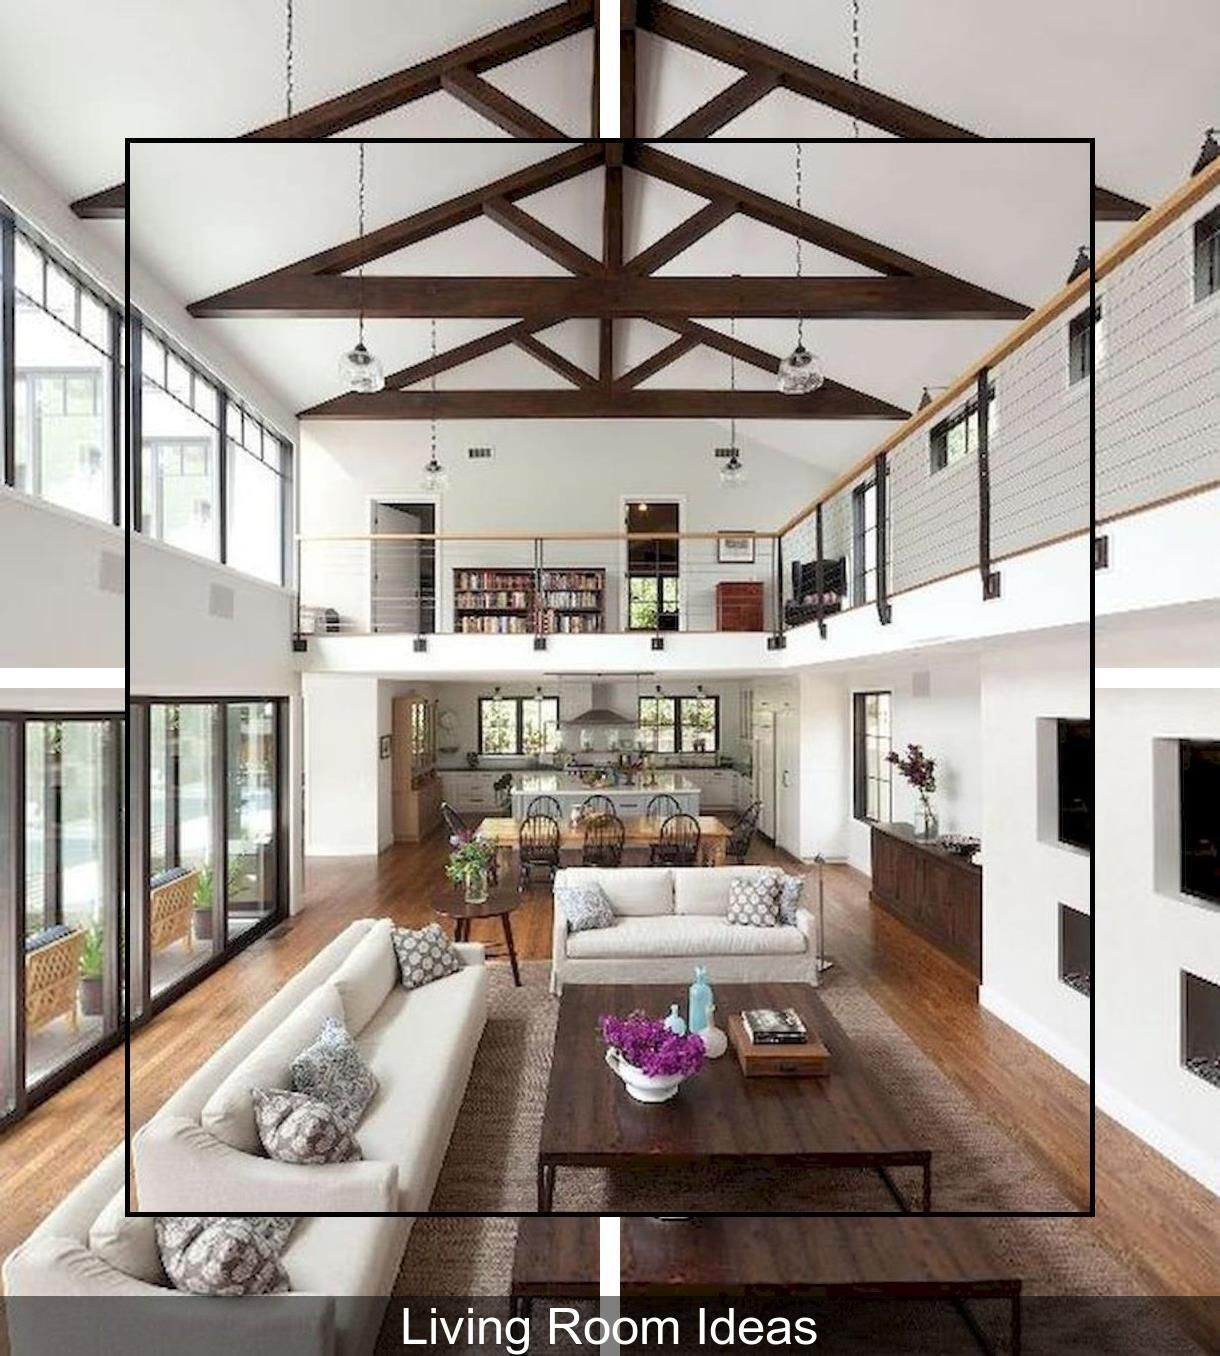 Room Design Ideas Home Interior Ideas For Living Room Home Accessories For Living Room In 2020 Living Room Decor Living Room Furnishings Lounge Room Design